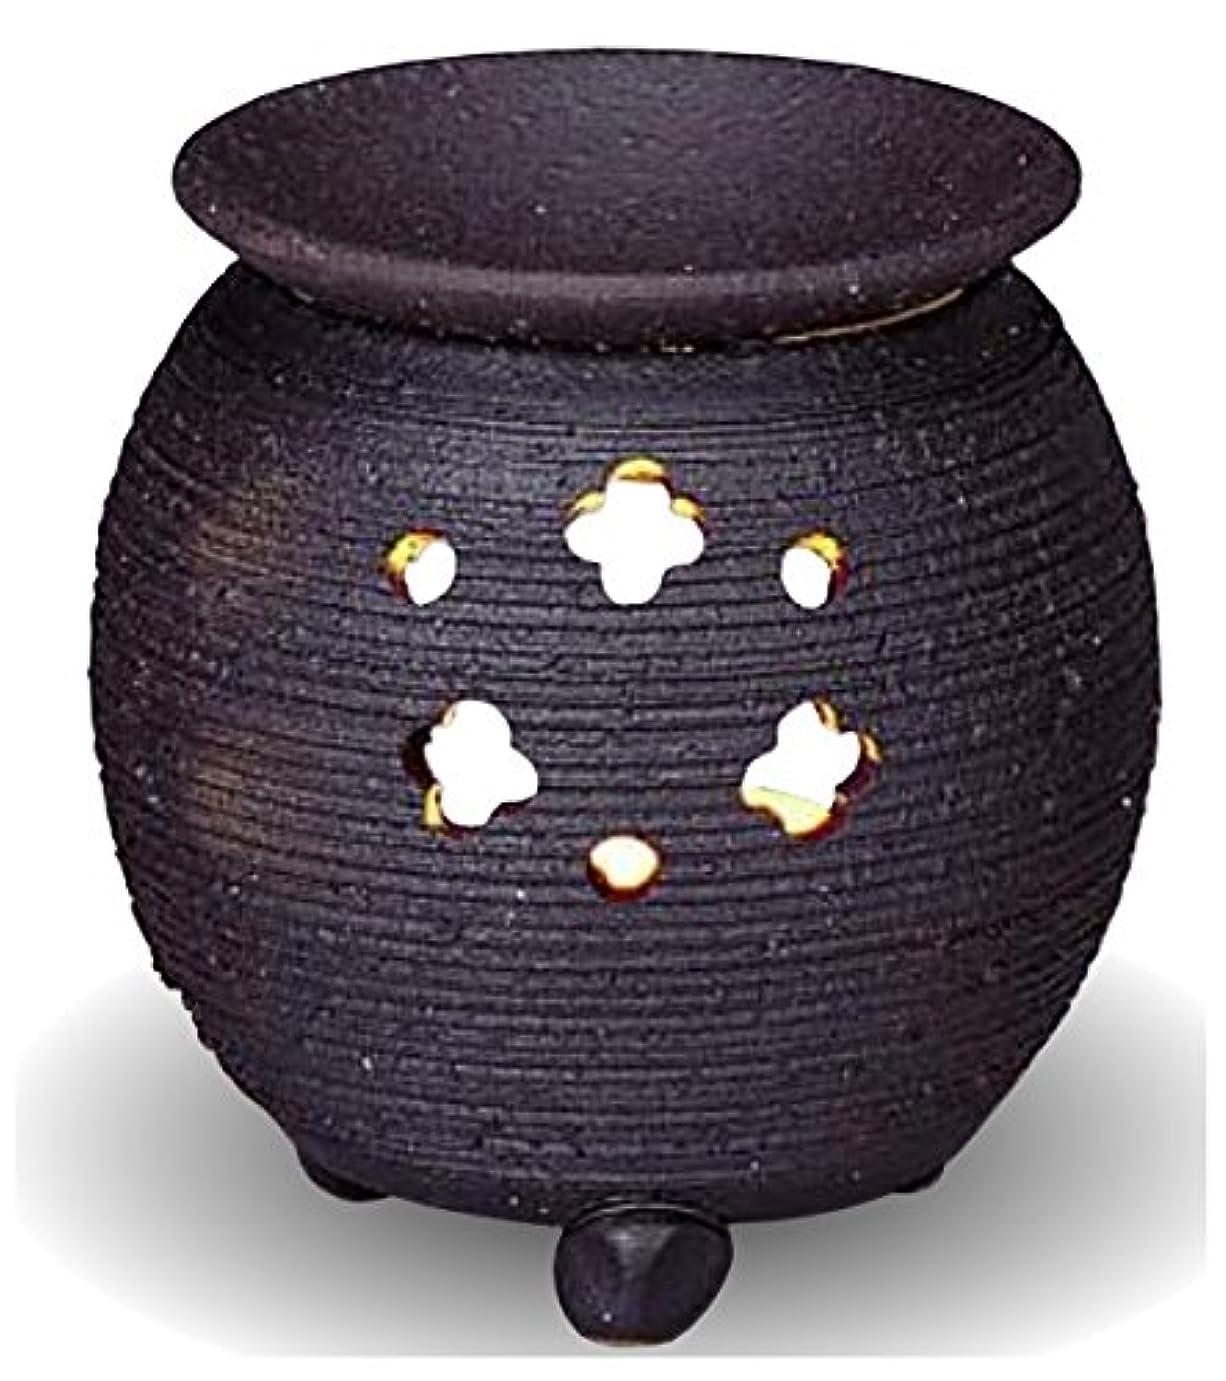 かき混ぜるくすぐったい提案常滑焼 茶香炉(アロマポット)径10×高さ10.5cm